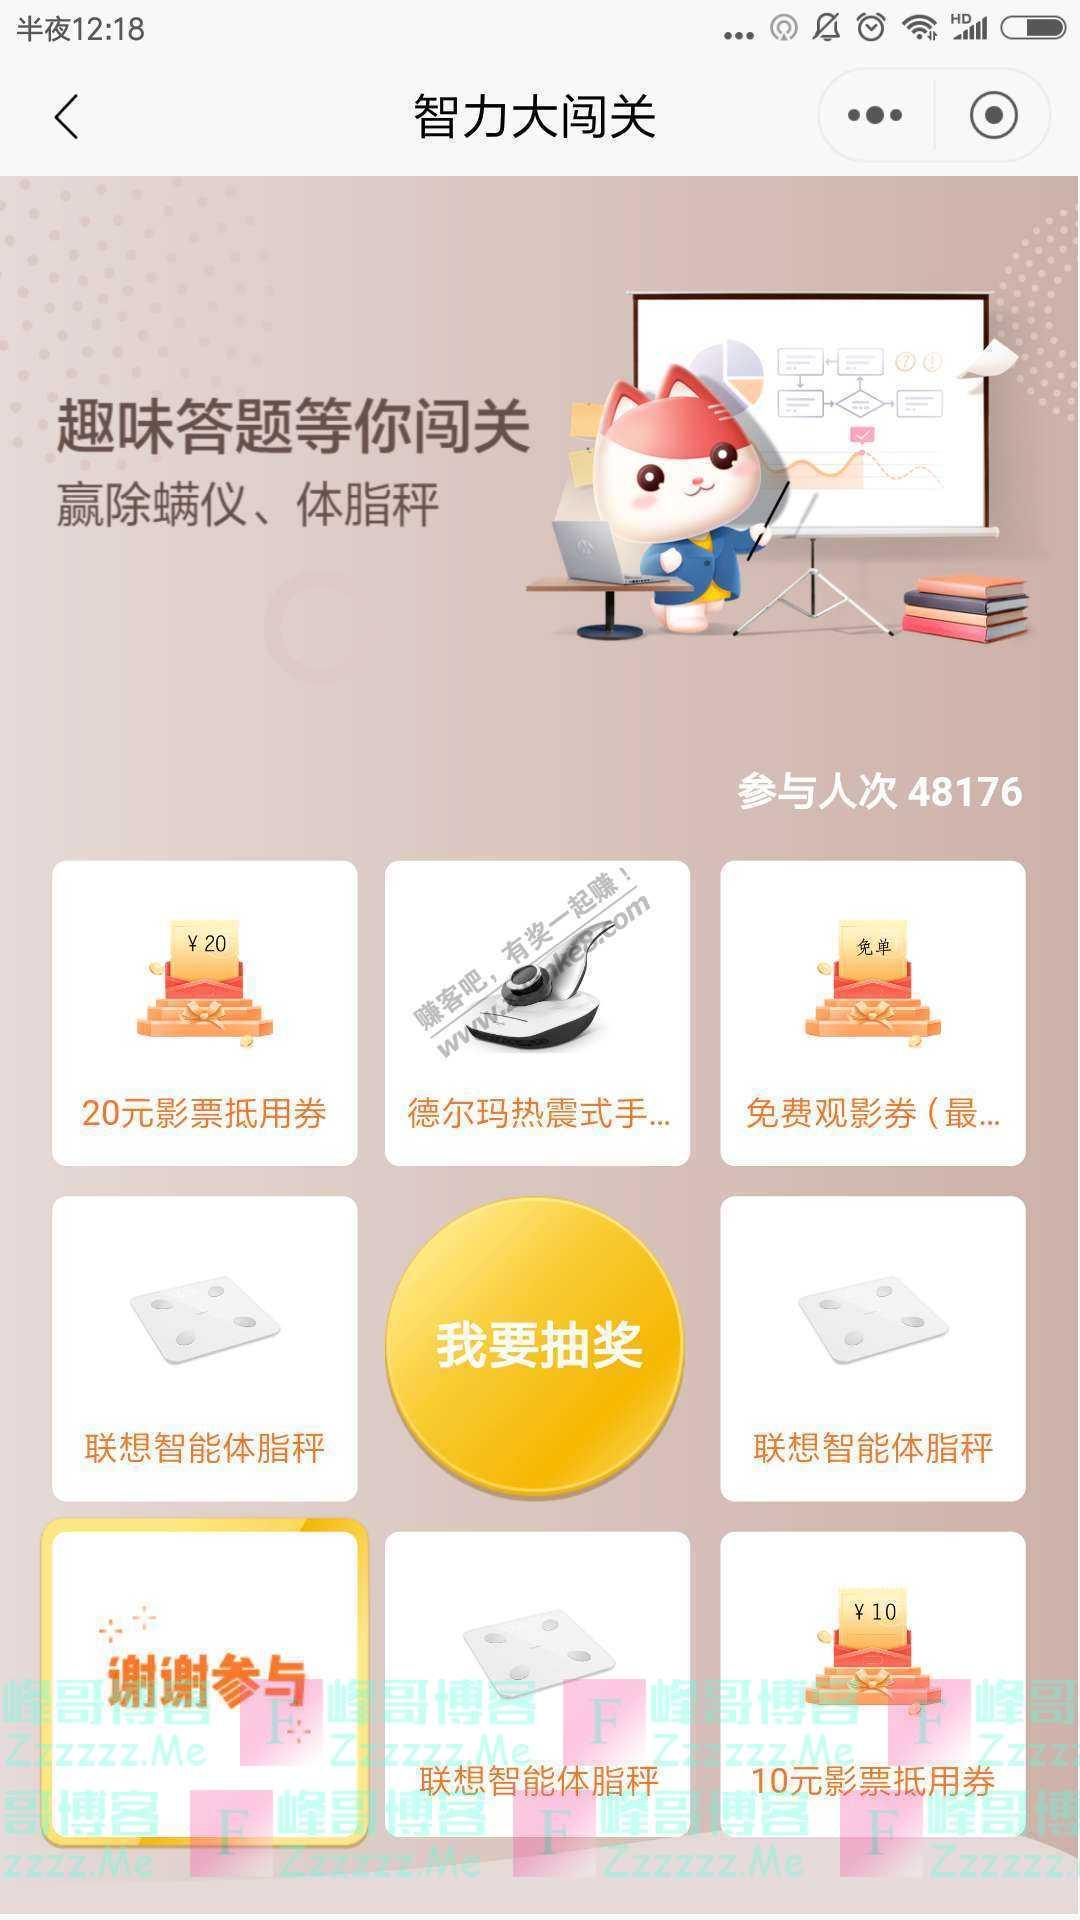 招商银行app智力大挑战(截止10月31日)